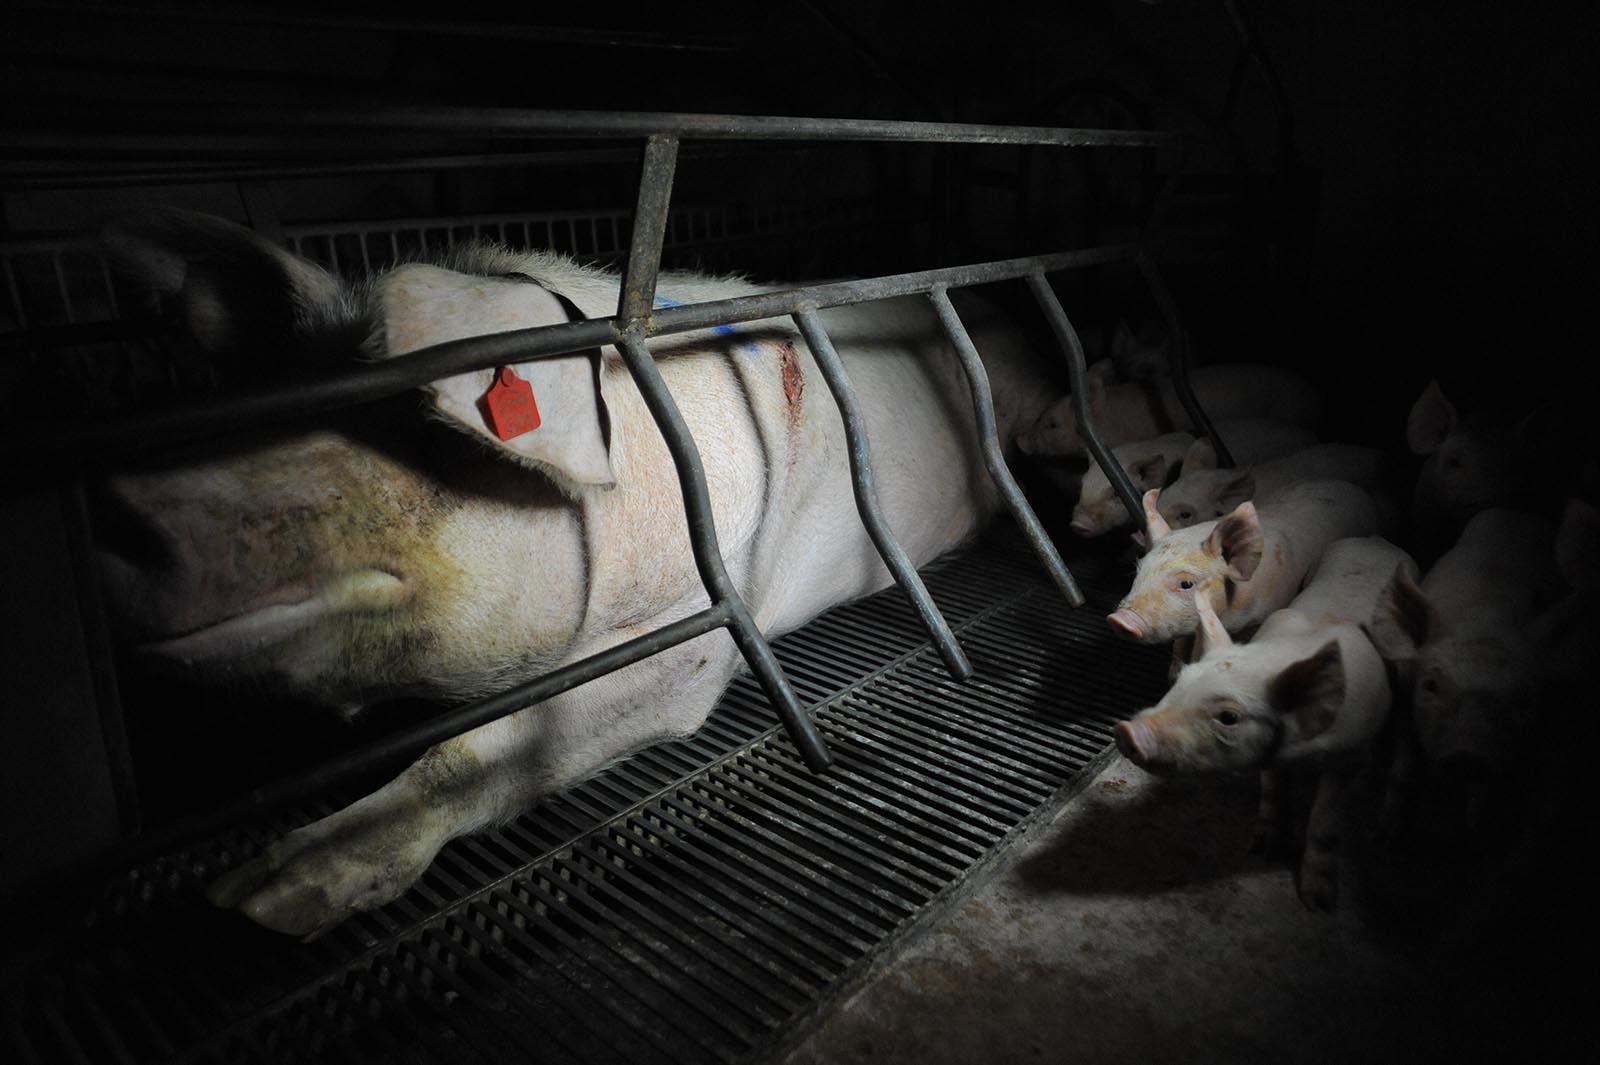 Zukunftskommission Landwirtschaft: Keine Besserung für Tiere